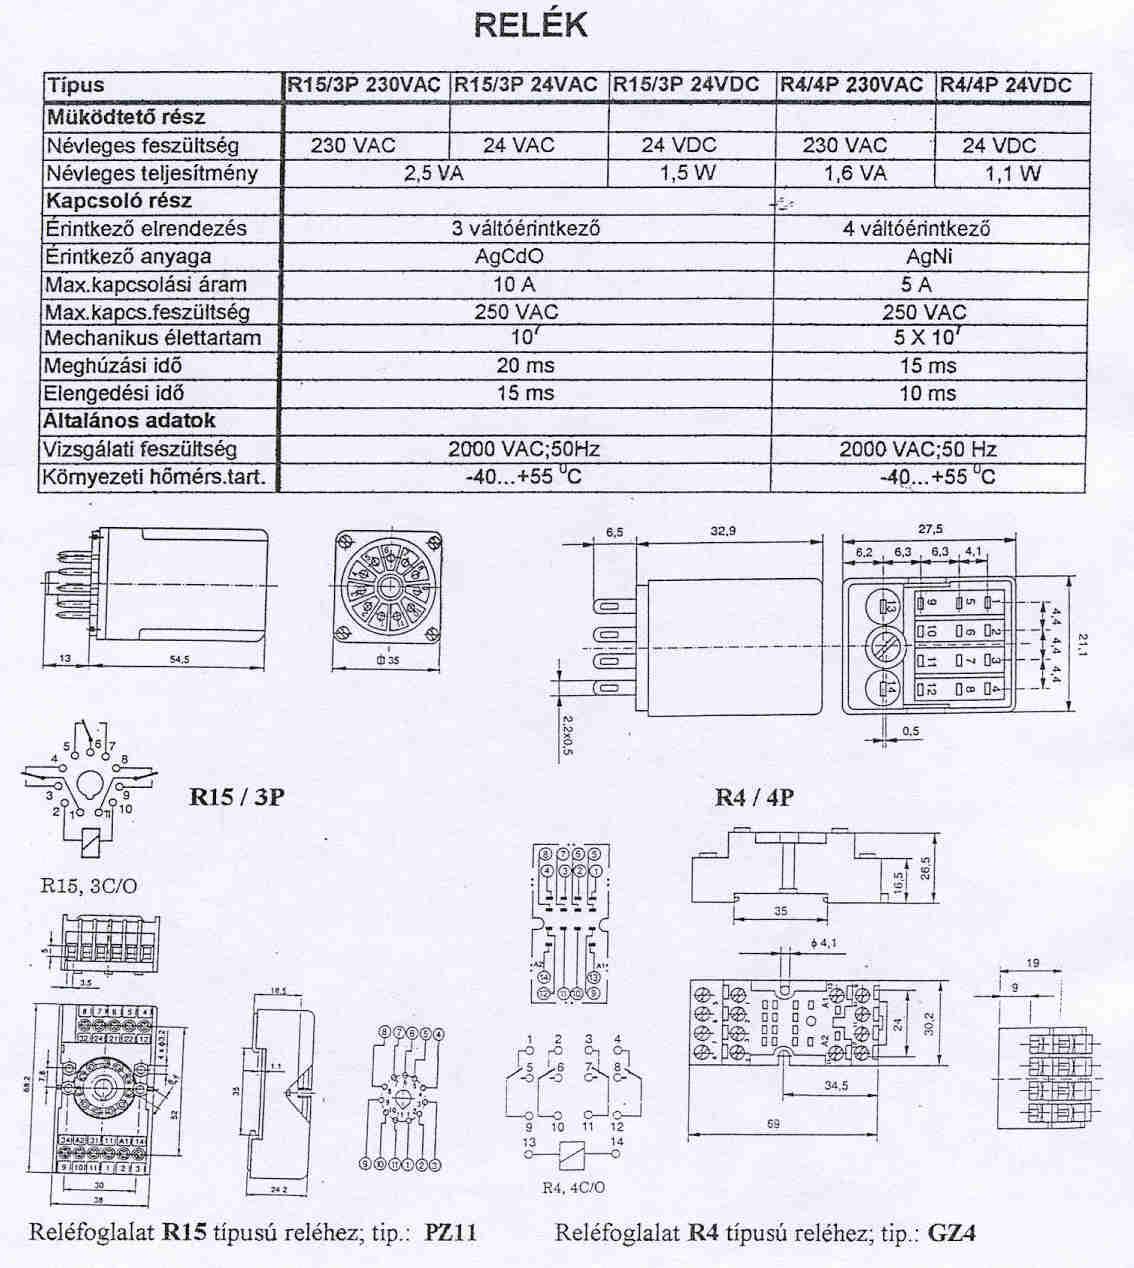 R4/4P relé Működtető rész: 230VAC/DC, 24VAC/DC, 12VAC/DC Kapcsoló rész: 250VAC, 6A, 4 váltó érintkező Vizsgálati feszültség: 2000VAC, 50Hz GZ4 relé foglalat R4/4P reléhez